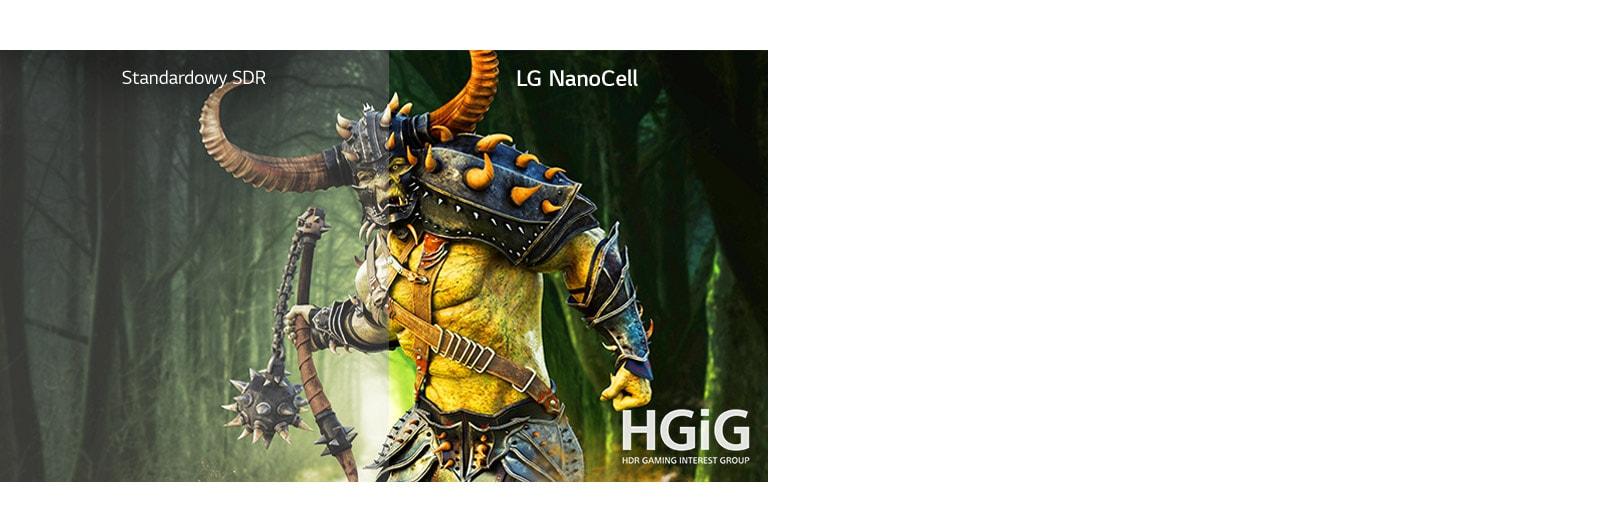 Scena z gry przedstawiająca potwora pokazana w połowie na ekranie zwykłego telewizora i w połowie na ekranie telewizora LG NanoCell z HDR